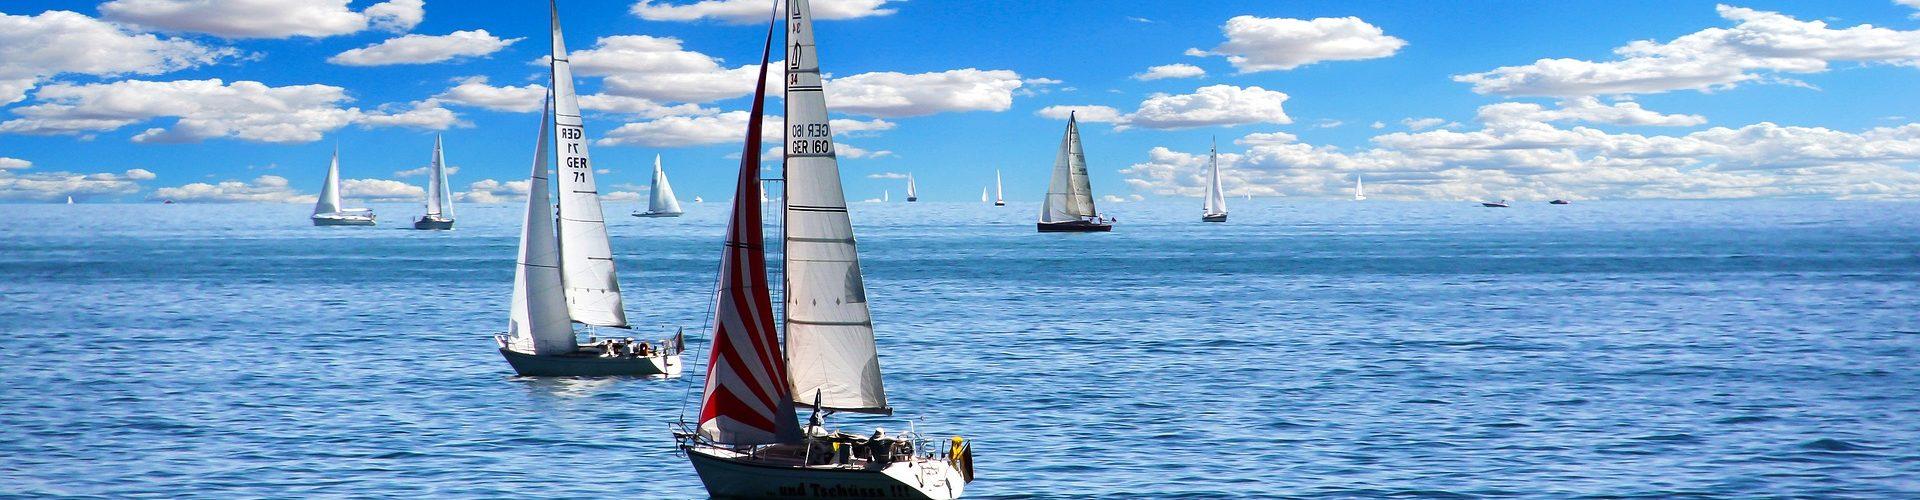 segeln lernen in Lichterfeld segelschein machen in Lichterfeld 1920x500 - Segeln lernen in Lichterfeld